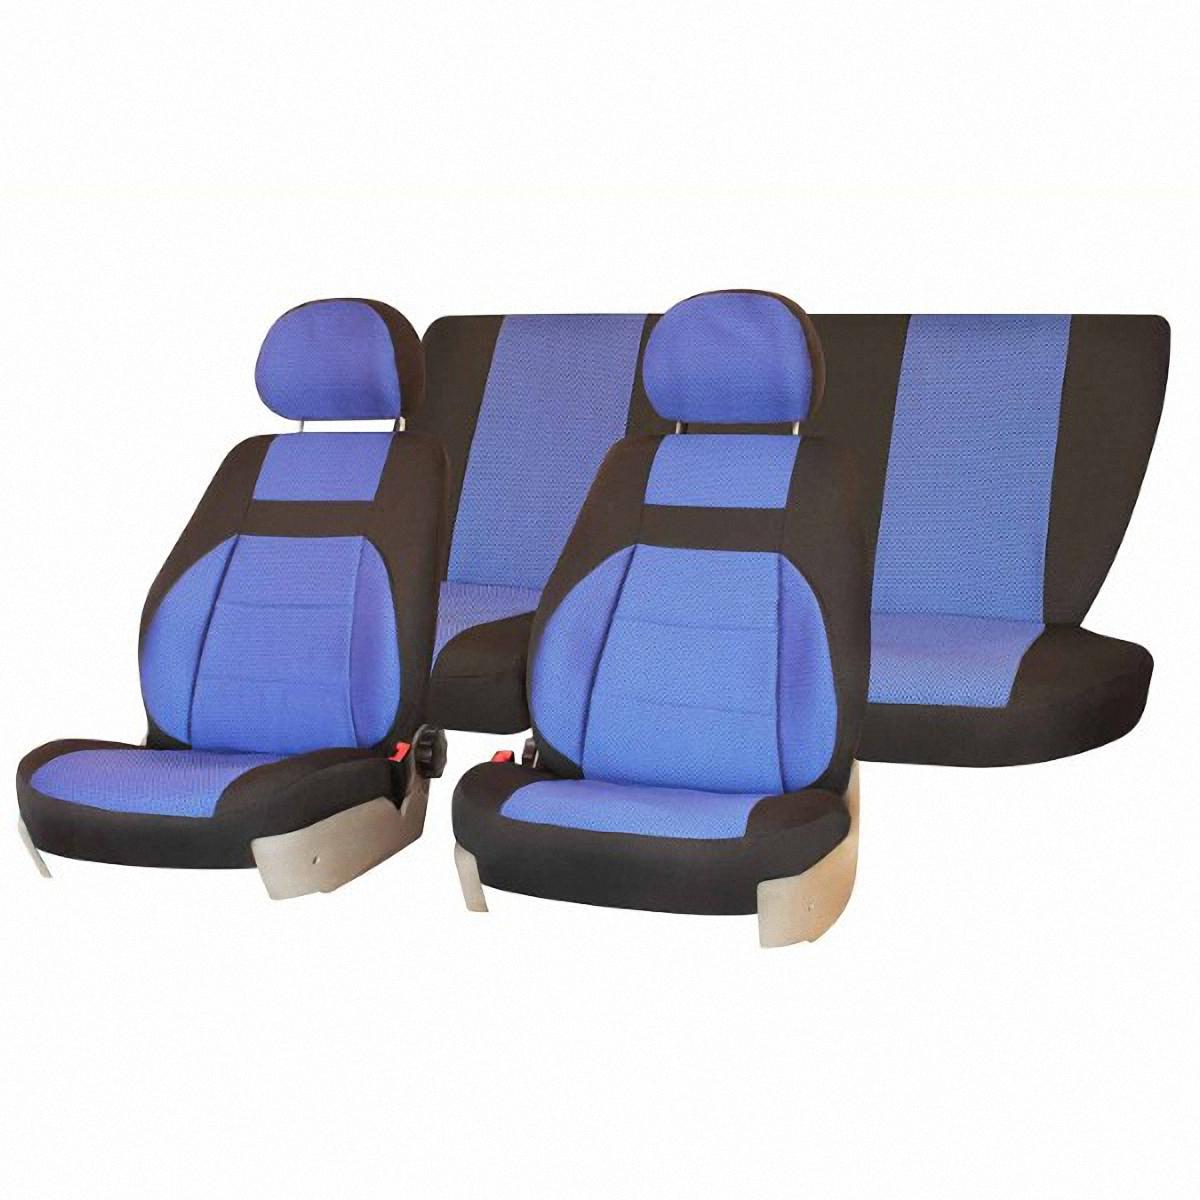 Чехол на сиденье Skyway ГАЗ-3110. G011-D4 чехол на сиденье skyway lada priora хэтчбек v001 d4